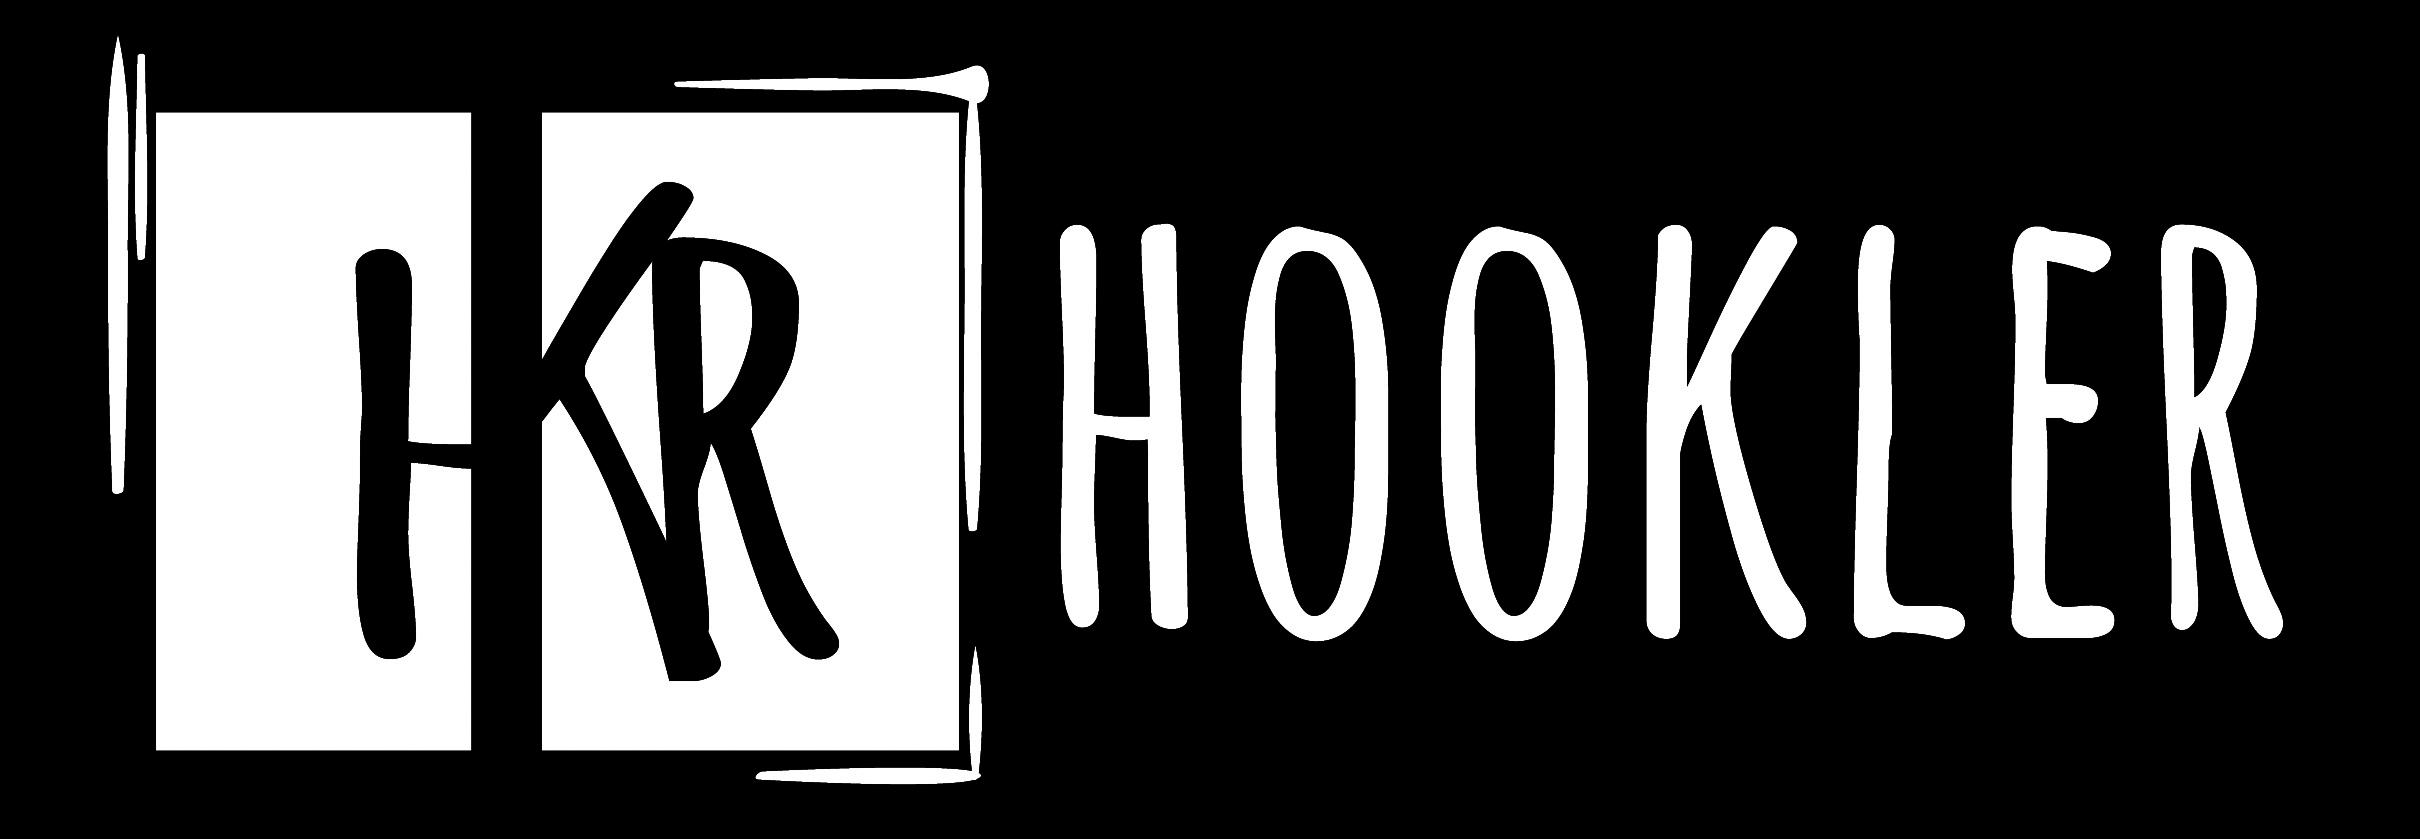 Hookler